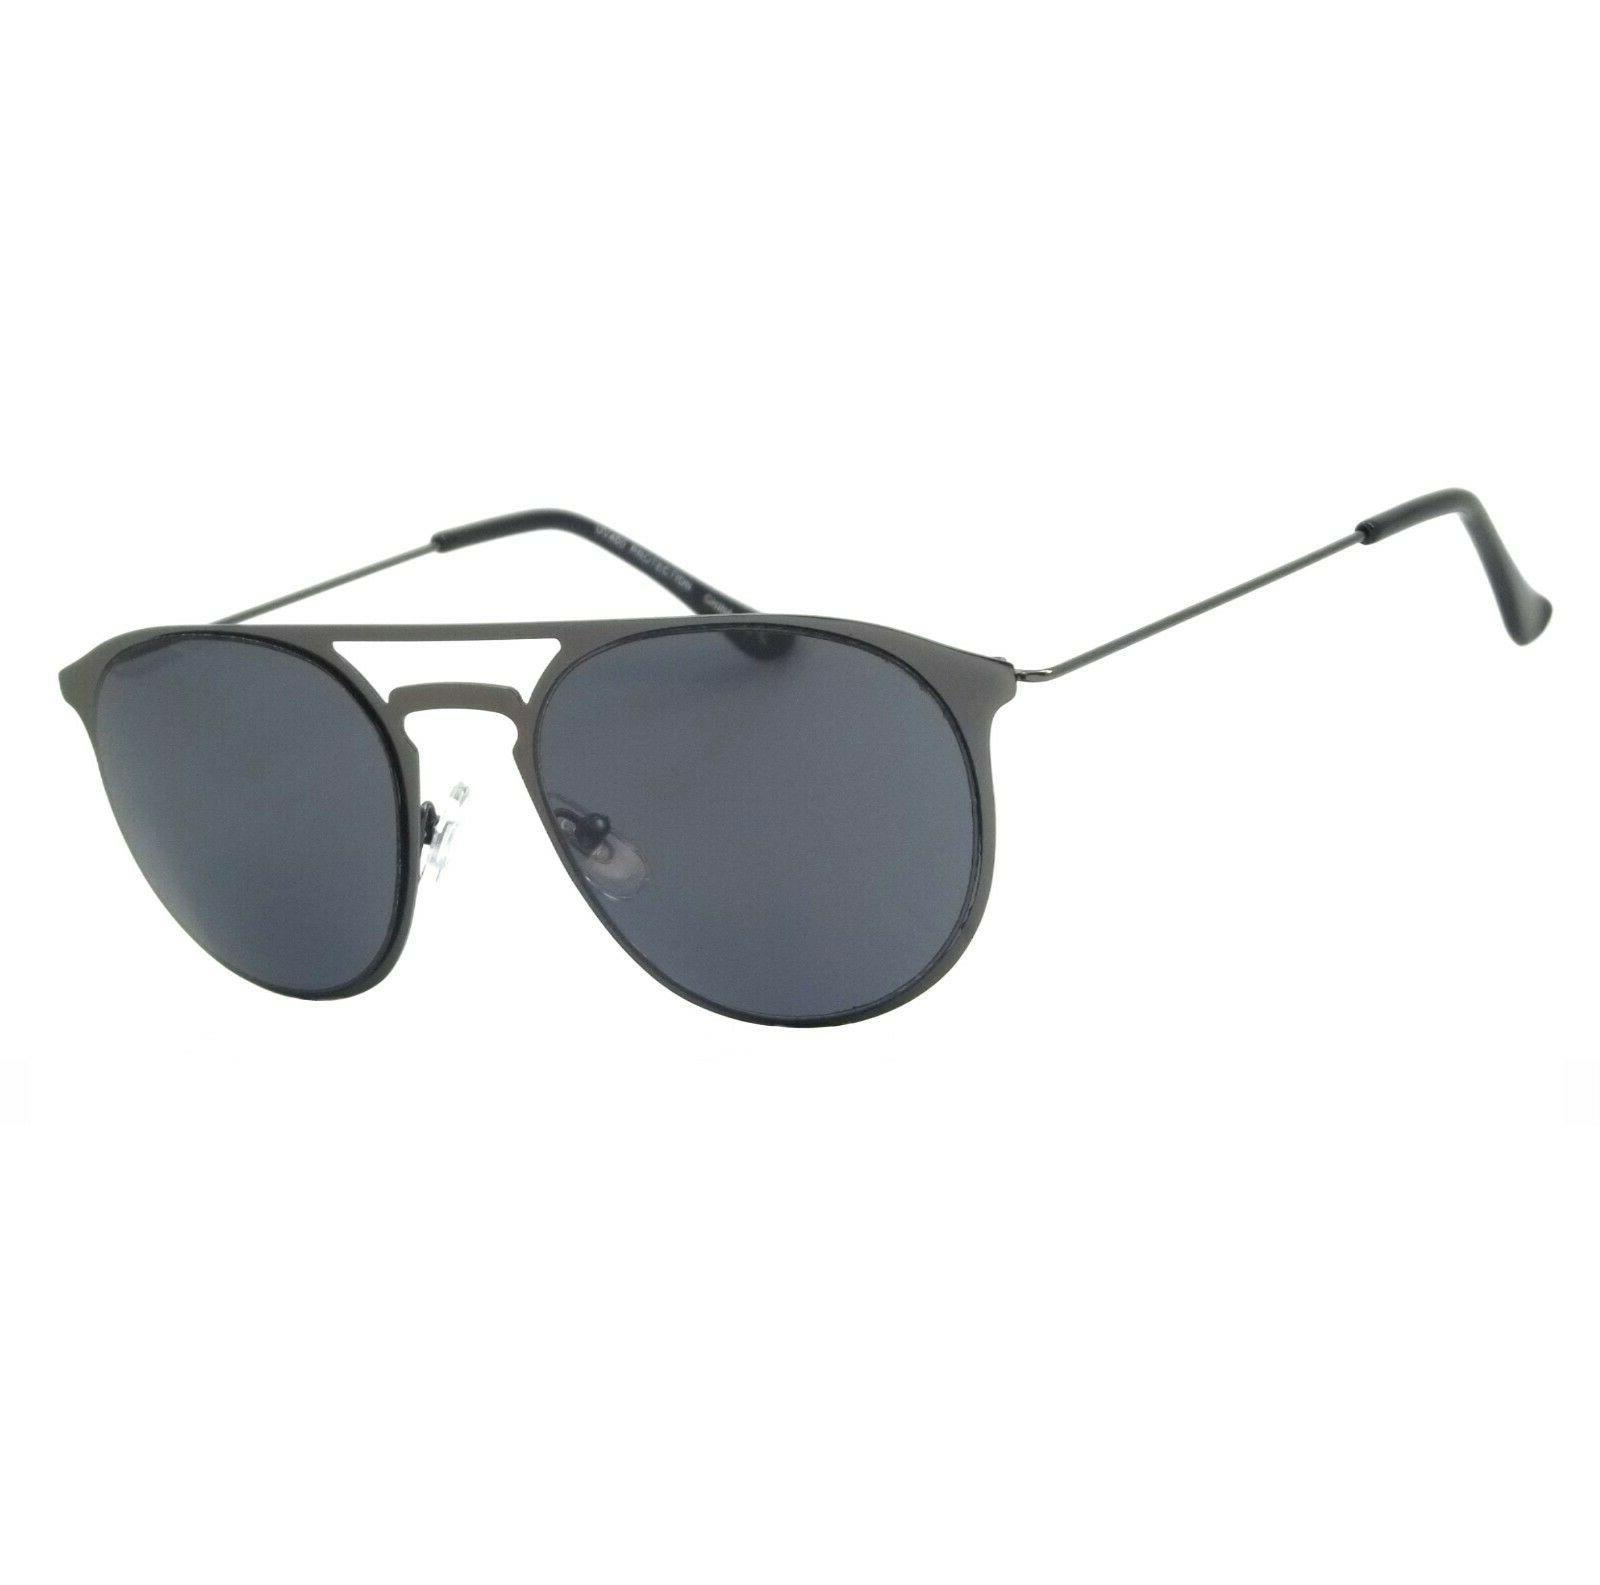 nwt retro aviator sunglasses classic spiller round